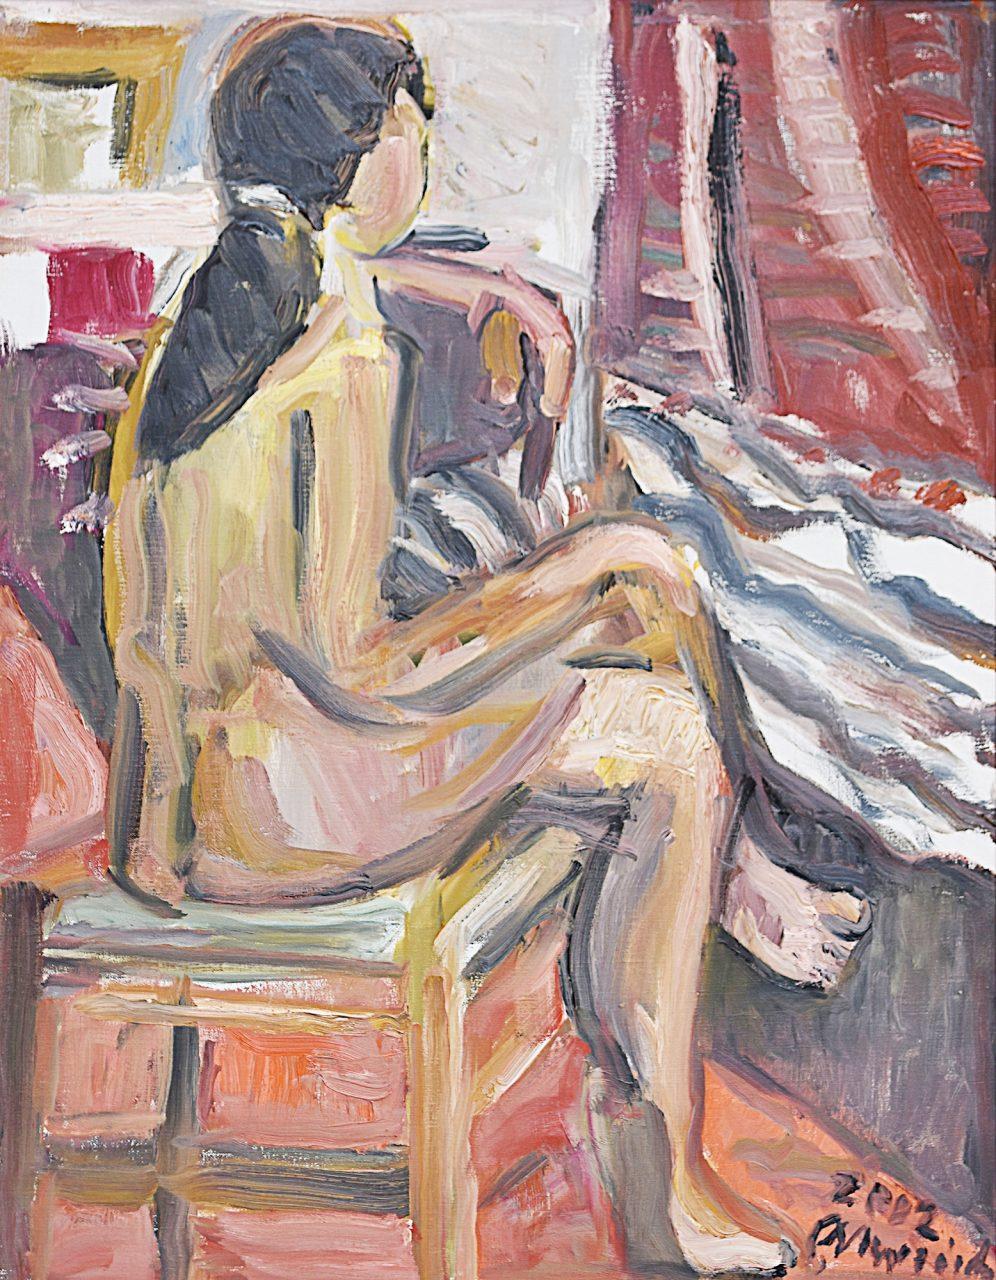 049. MAVROIDES Giorgos (1912-2003)